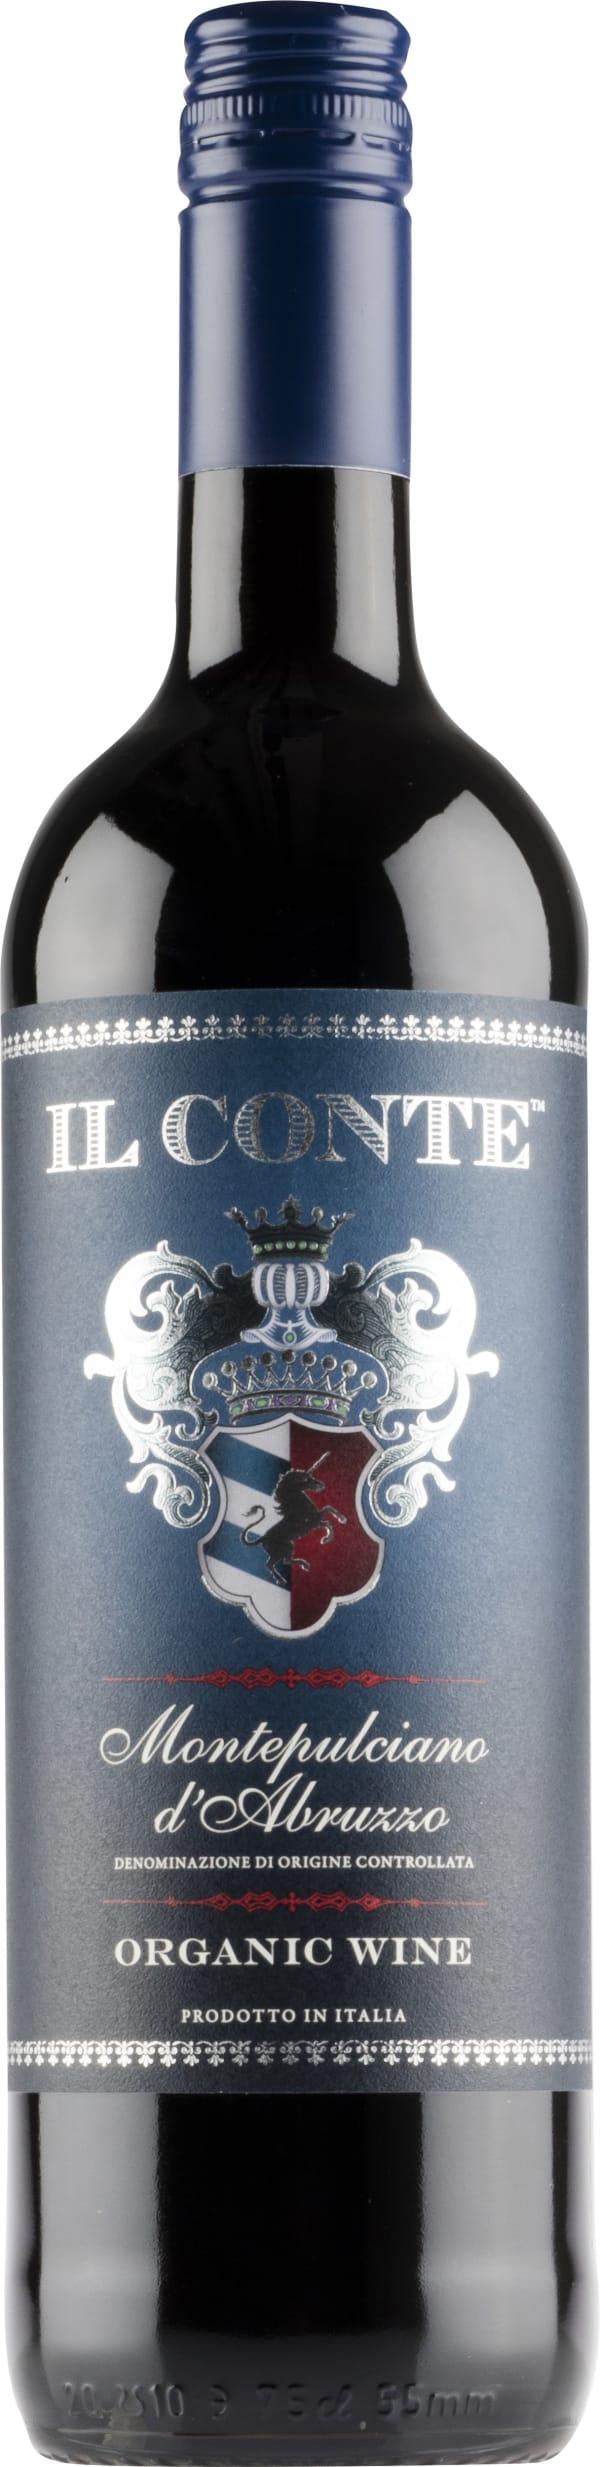 Il Conte Montepulciano d'Abruzzo Organic 2015